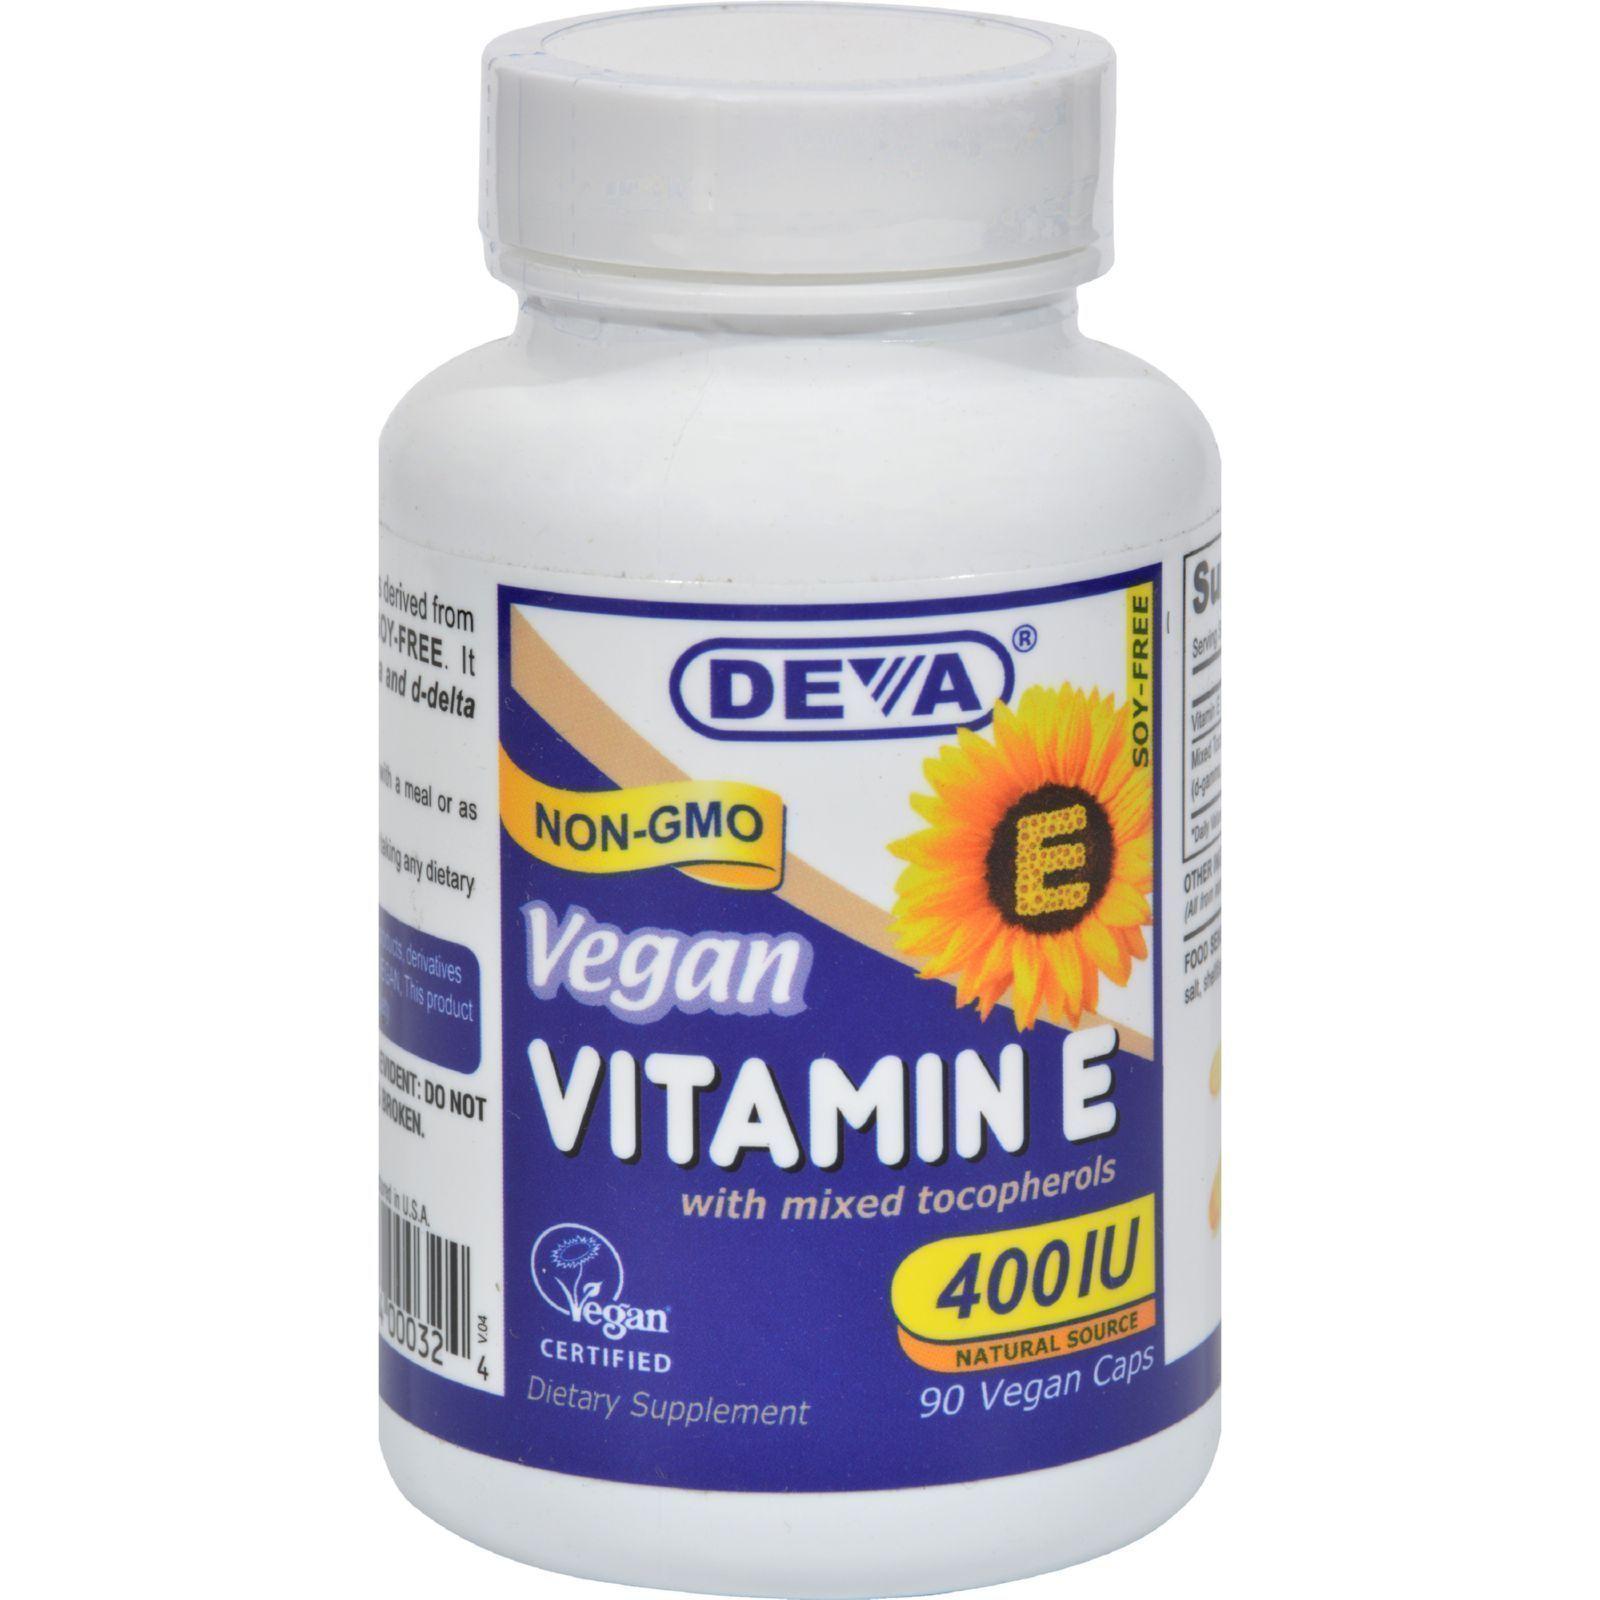 Deva vegan vitamin e with mixed tocopherols 400 iu 90